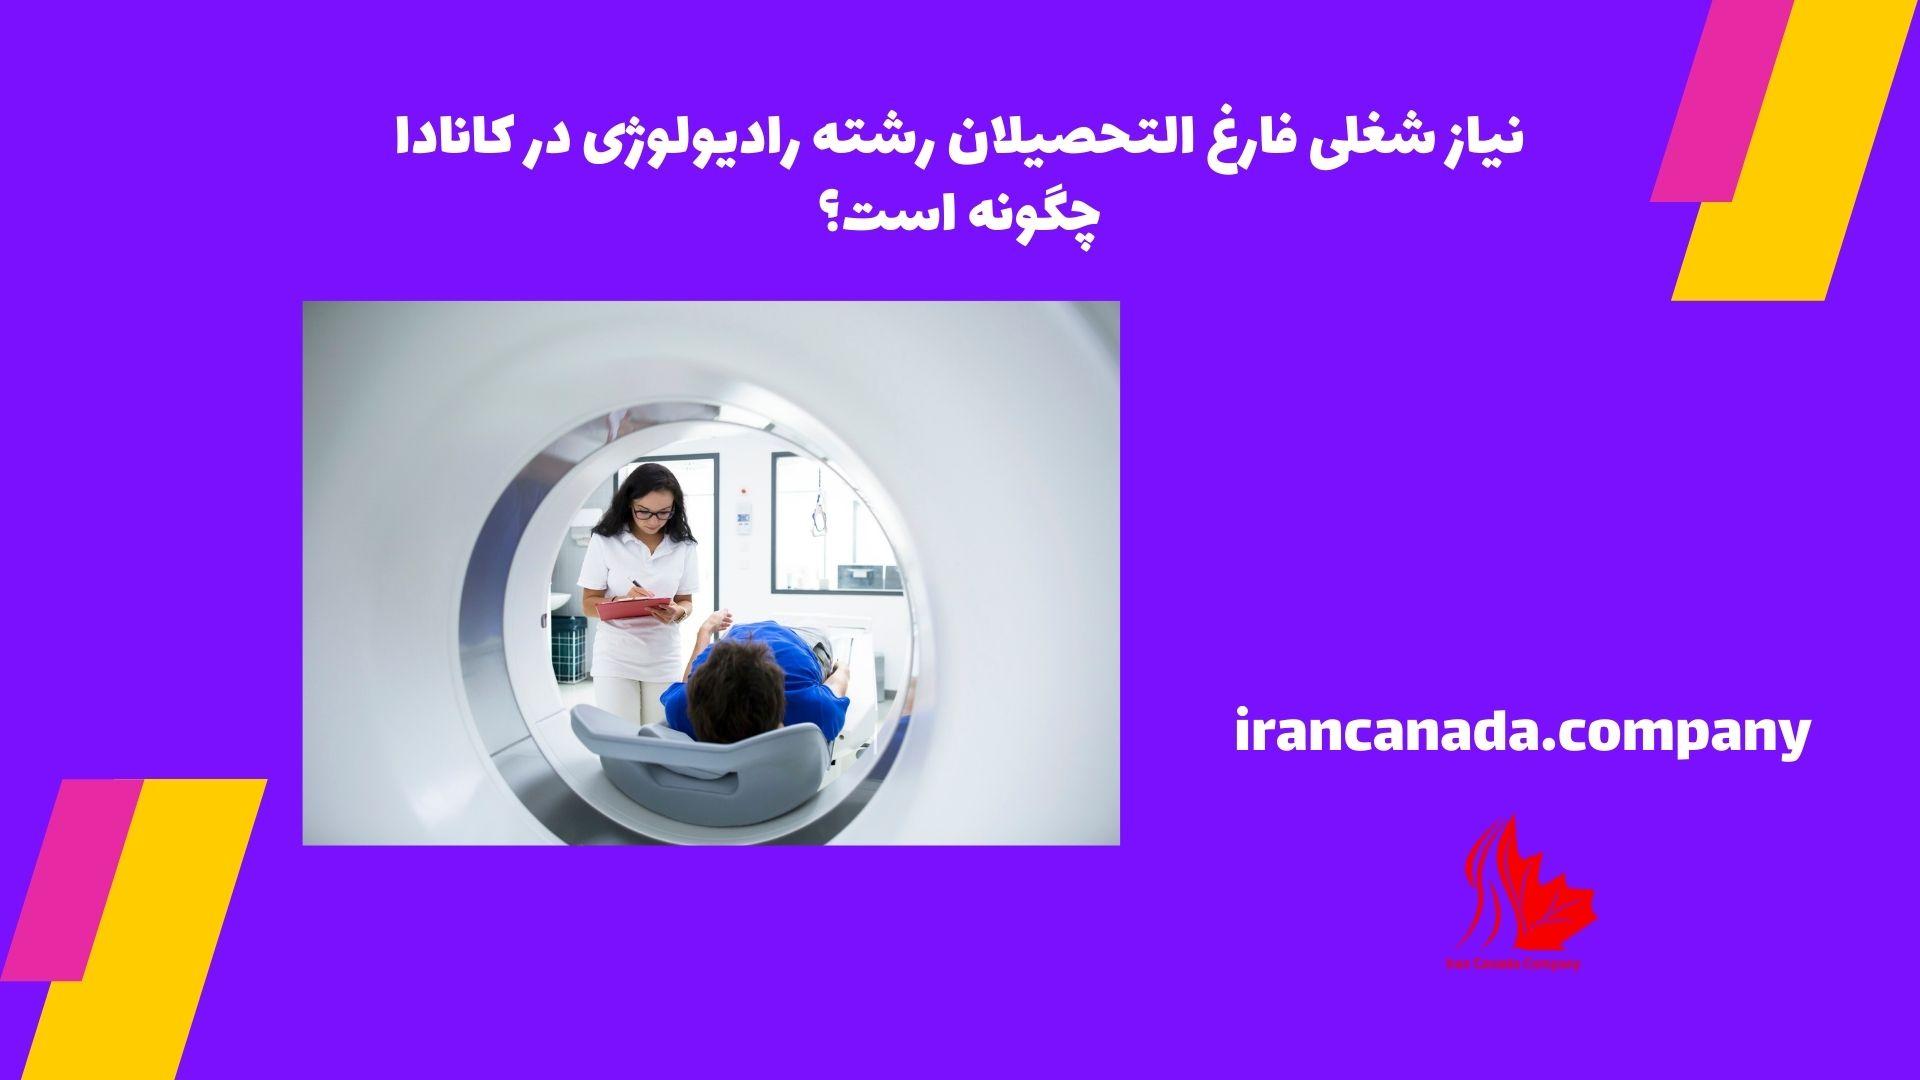 نیاز شغلی فارغ التحصیلان رشته رادیولوژی در کانادا چگونه است؟